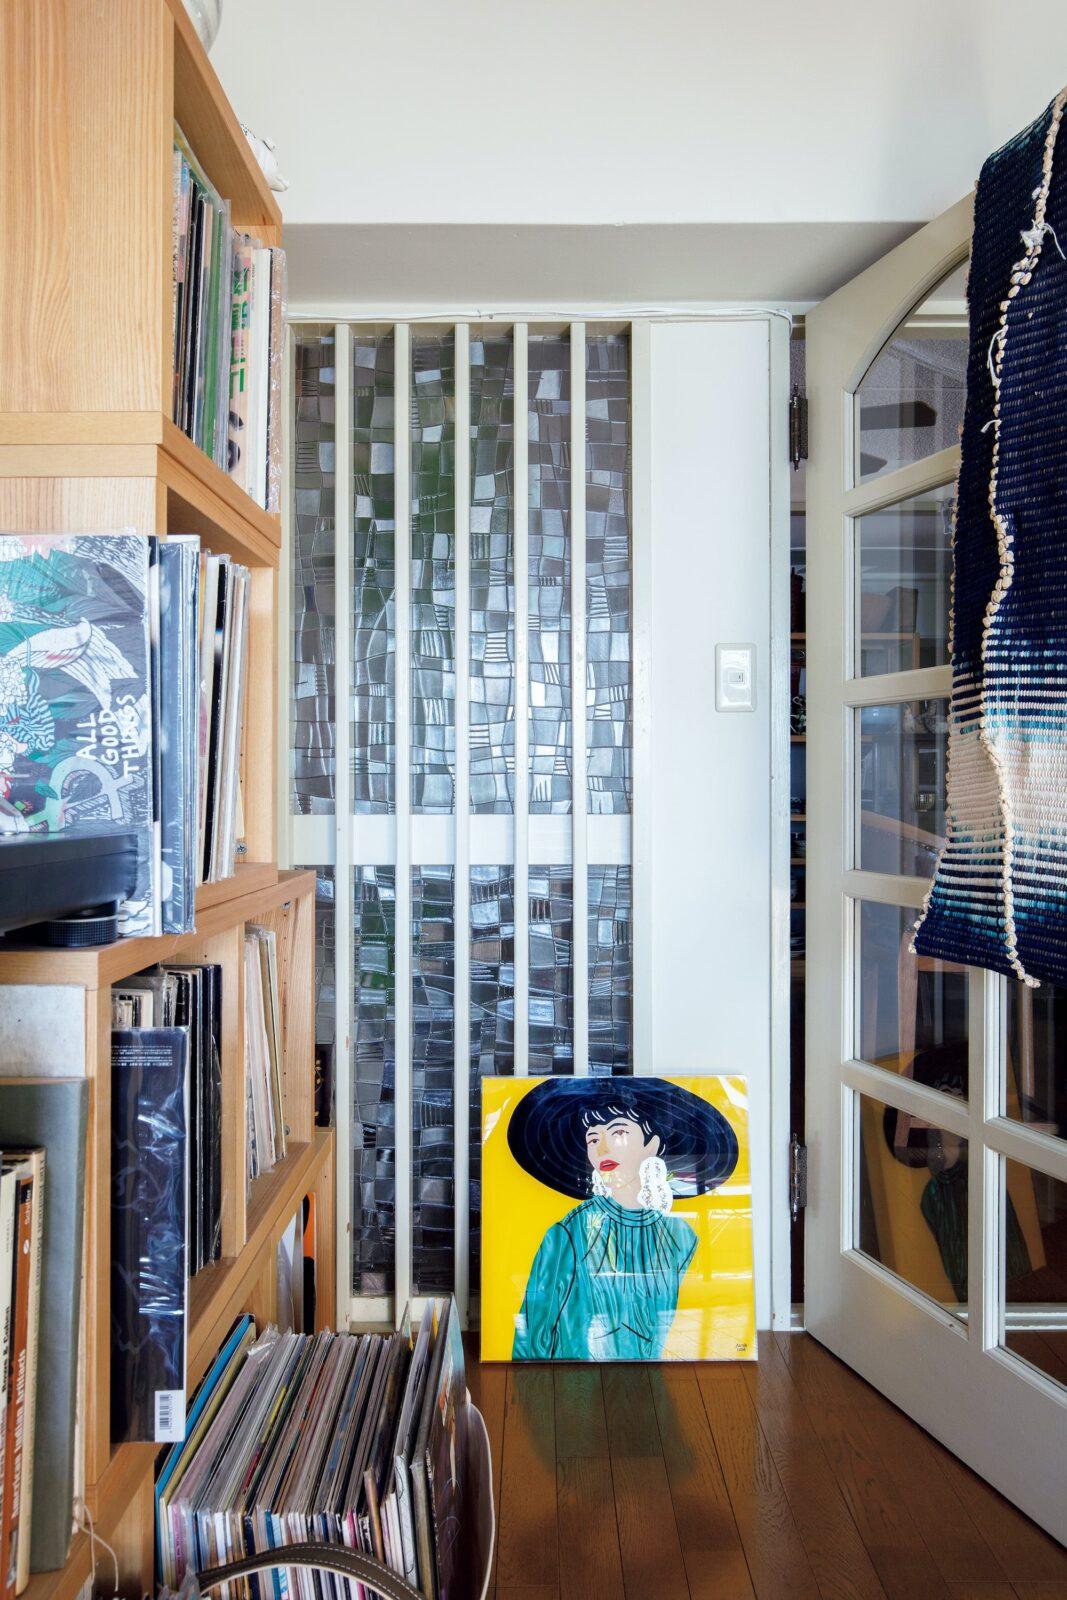 リビングとダイニングを隔てる白い扉と格子のすりガラスはこの部屋オリジナル。その意匠は今の時代も新鮮で、家具選びの指針になったという。足元に置かれたビビッドな婦人の絵は、友人のアーティスト、アズサイイダのもの。